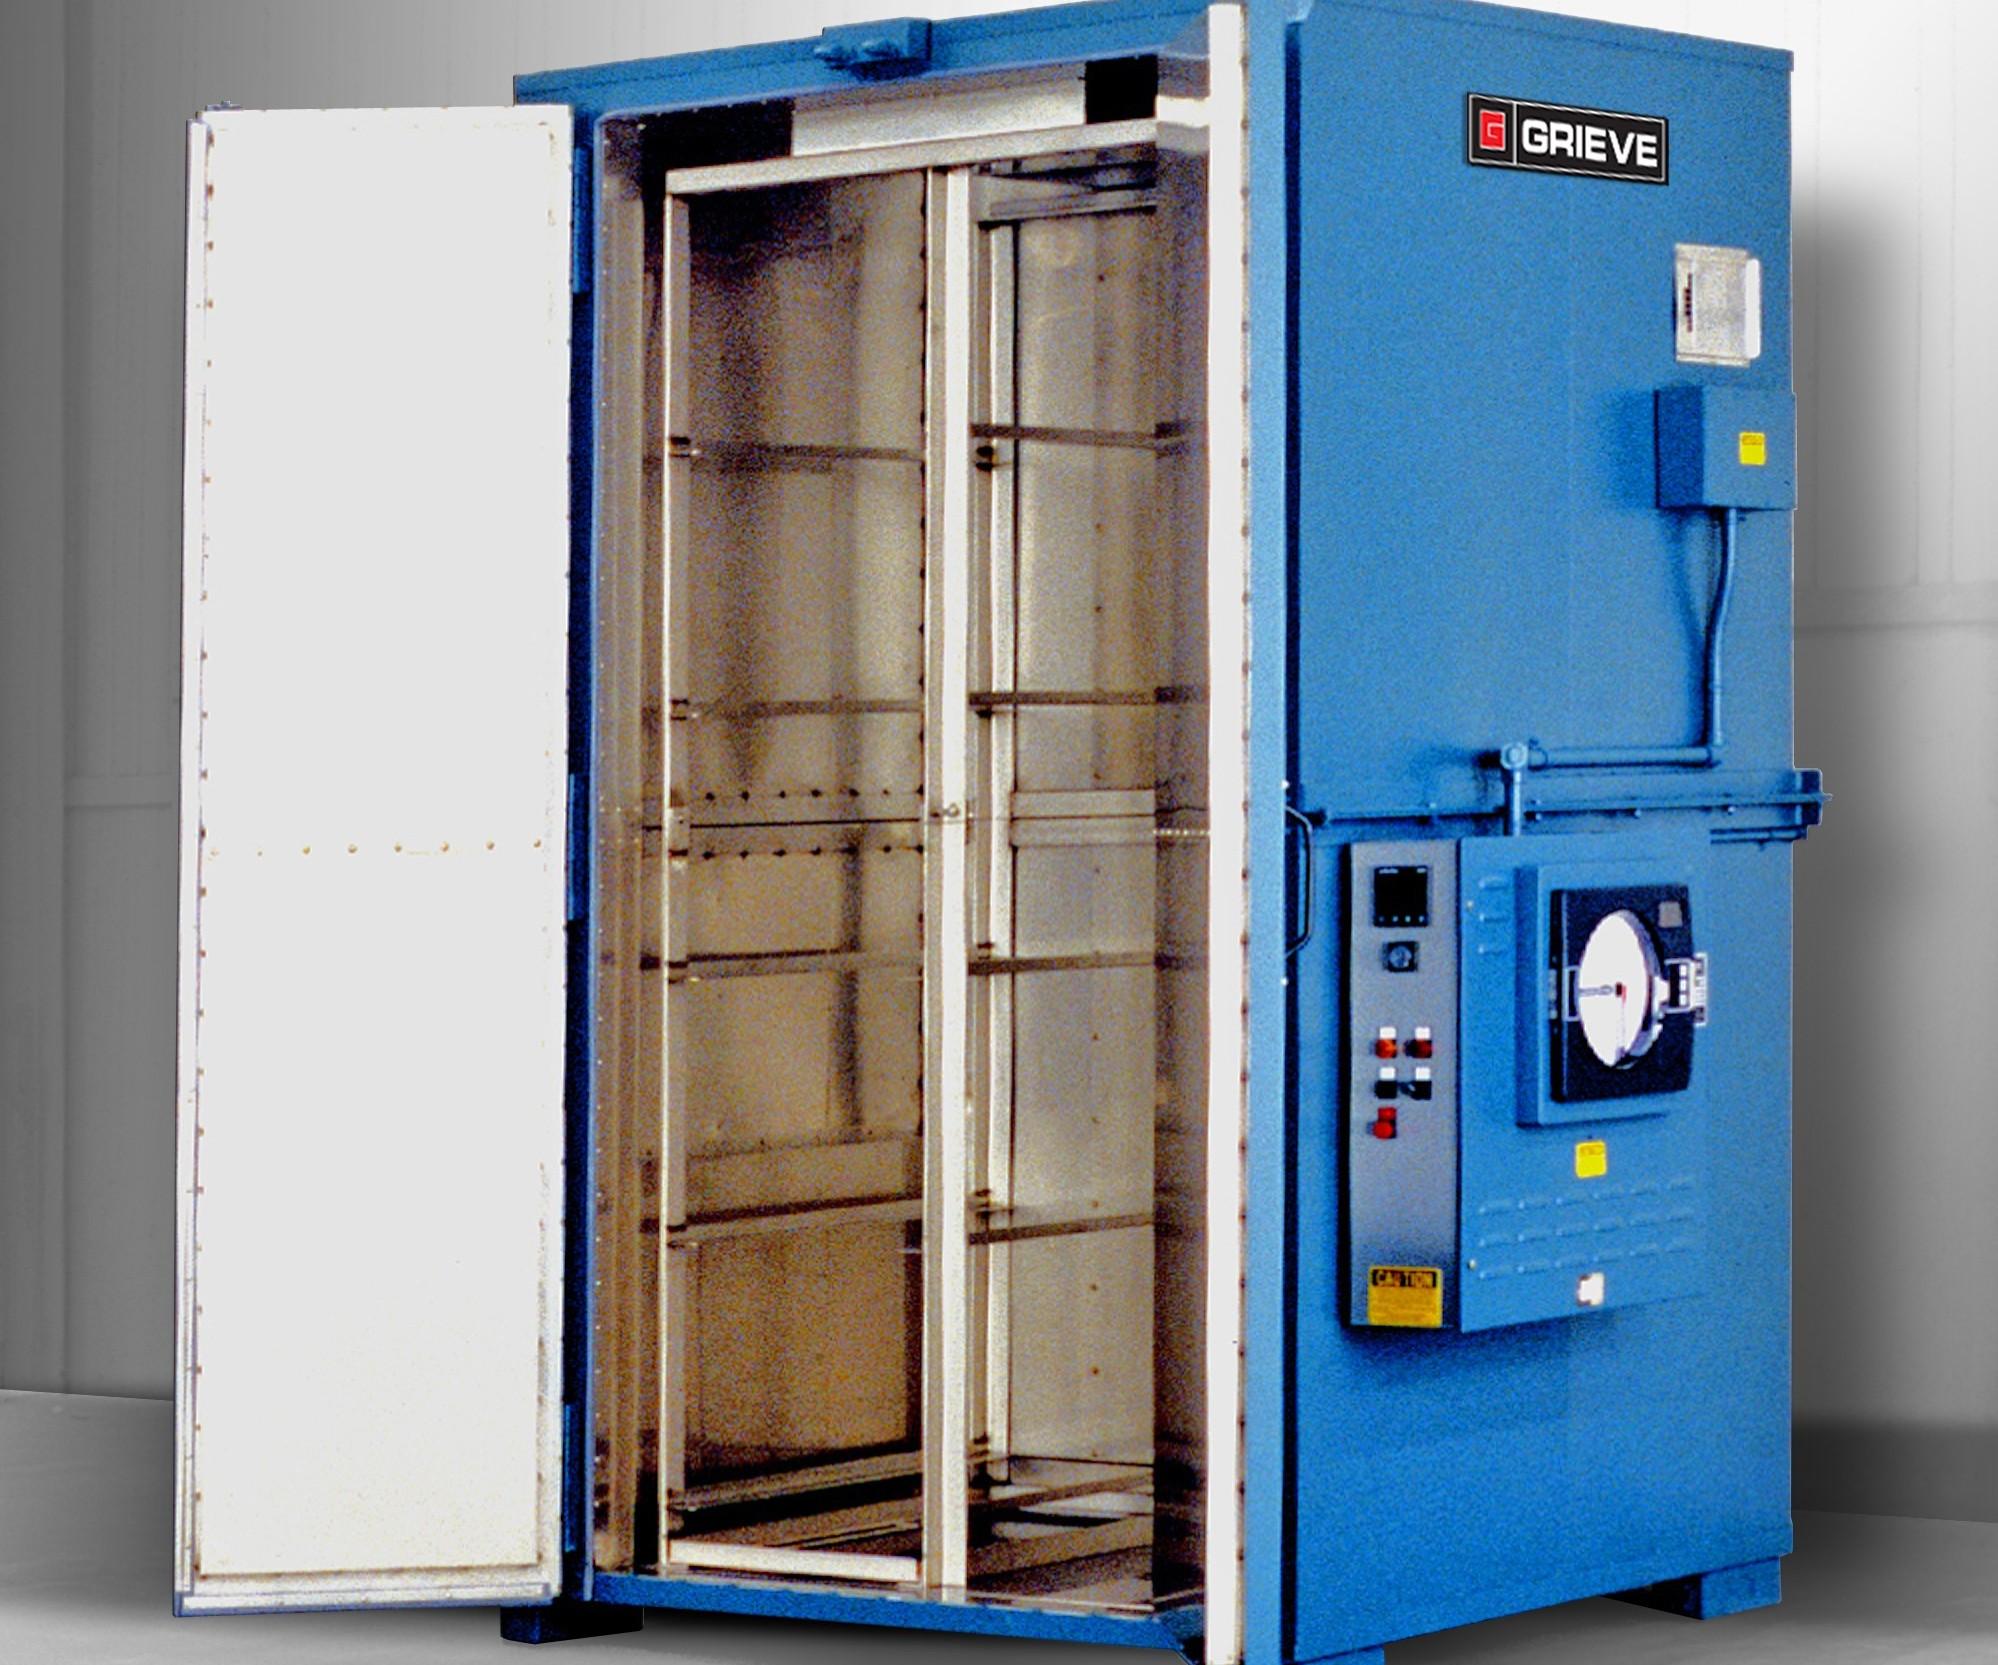 Grieve No. 899 truck oven